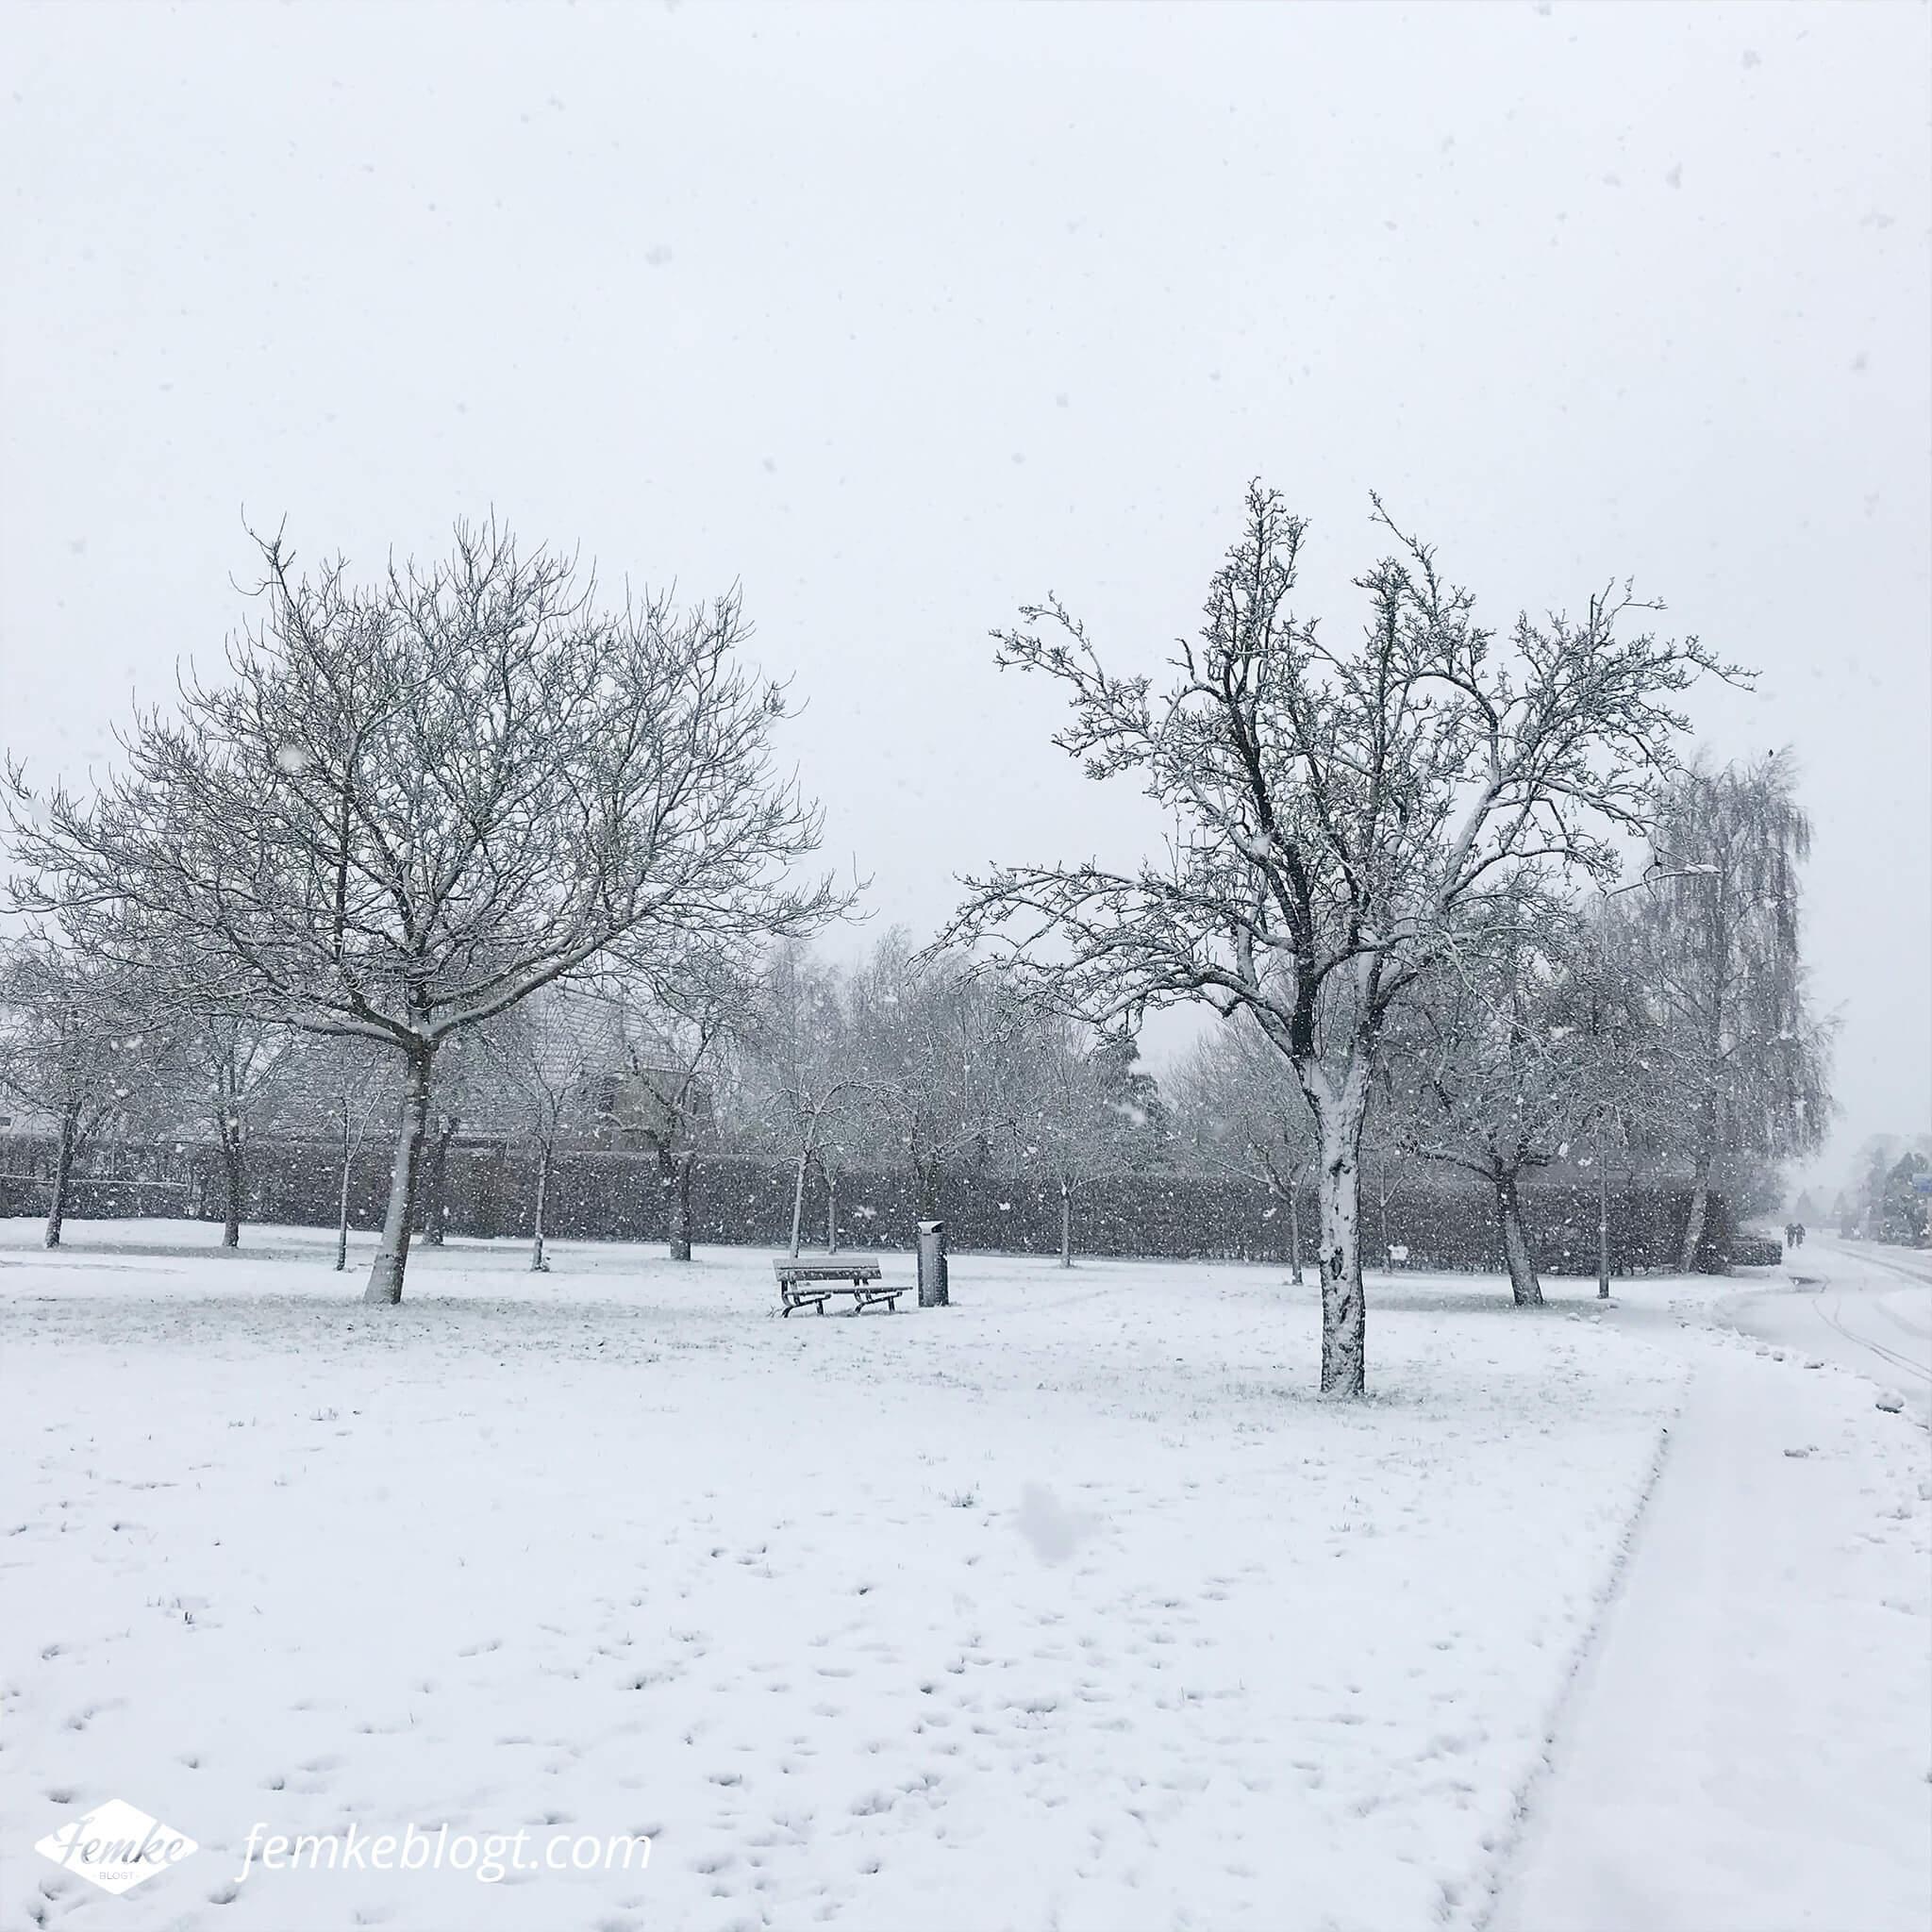 Maandoverzicht december | Sneeuw in Nederland, dus tijd voor een winterse wandeling!